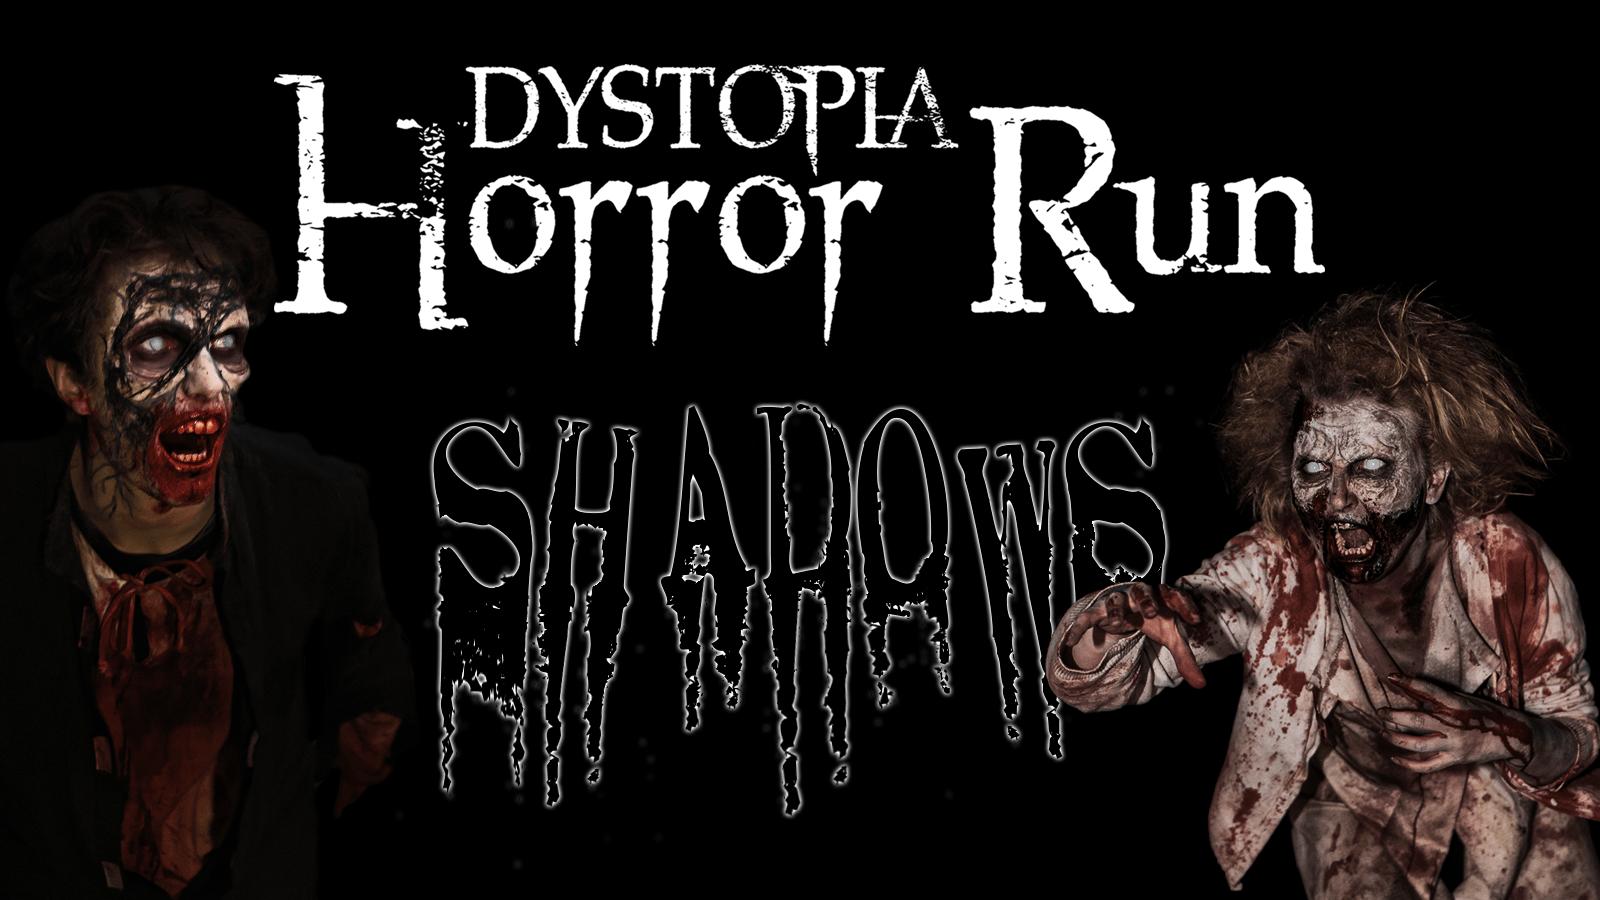 DYSTOPIA Horror Run 2021 - Shadows